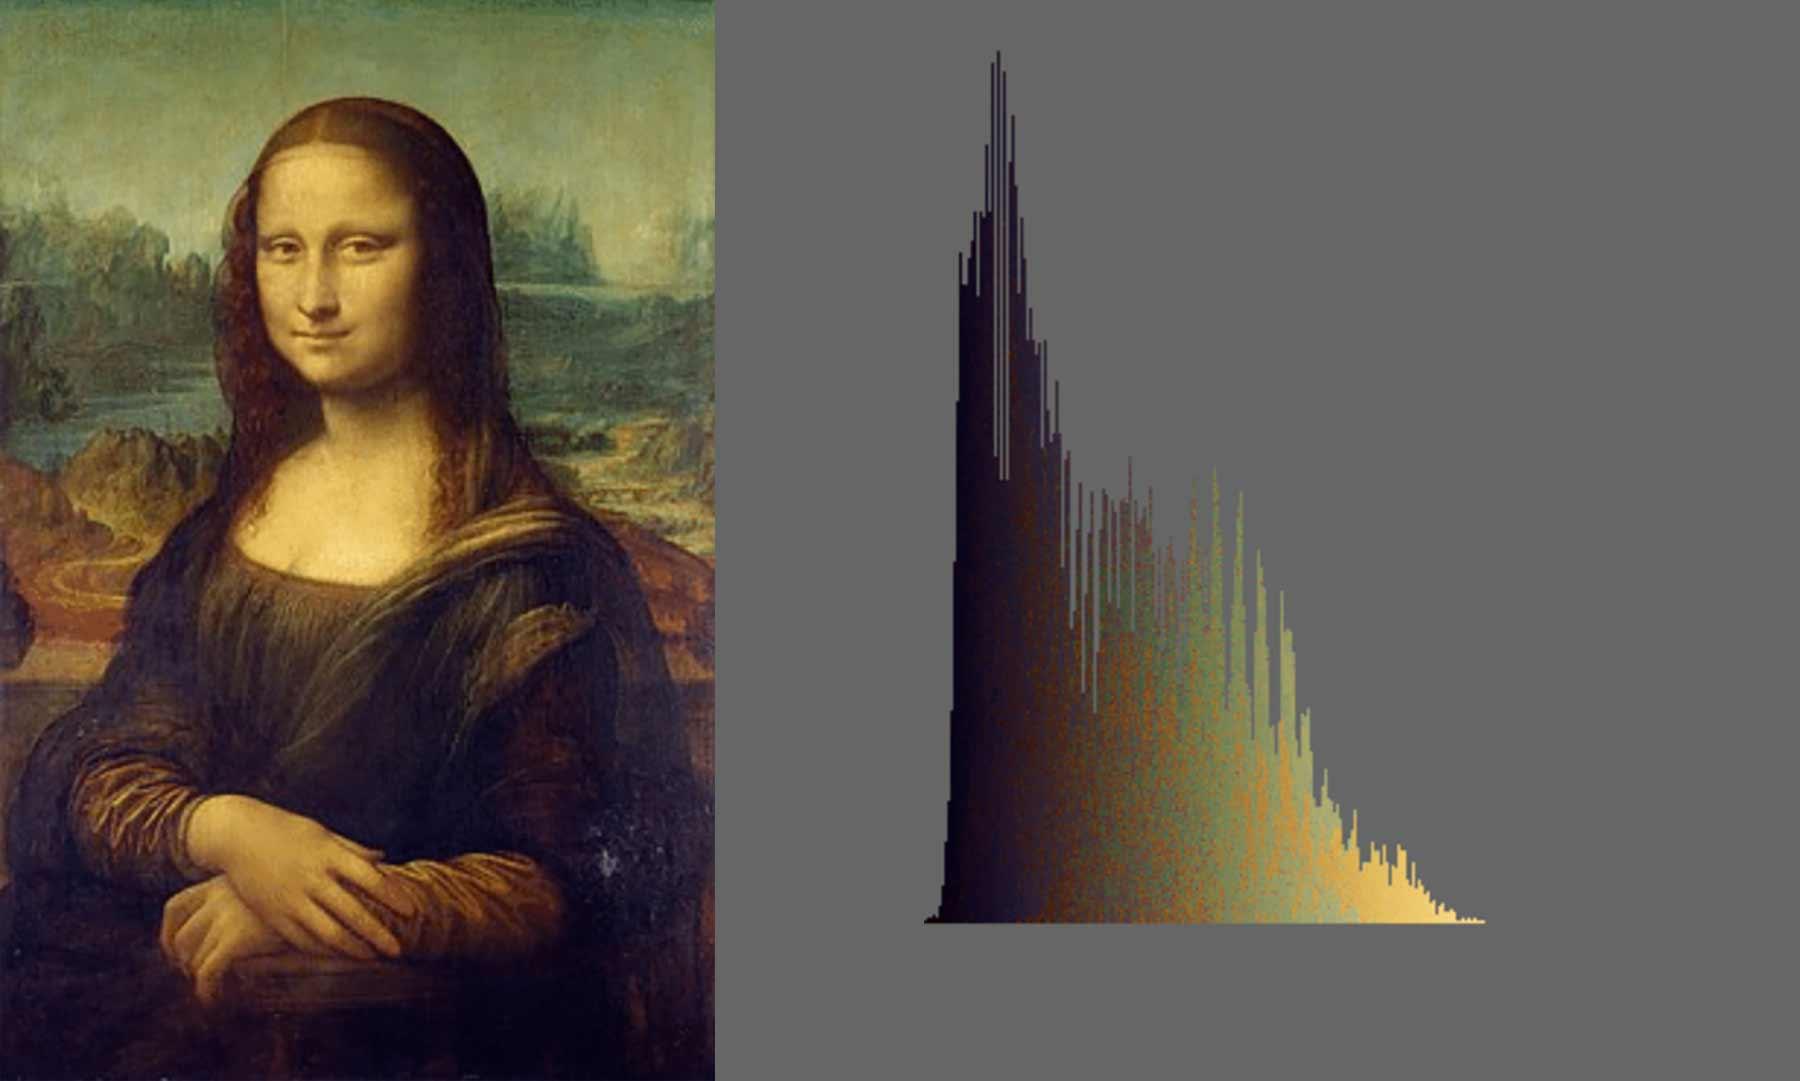 Gemälde nach Pixeln sortiert